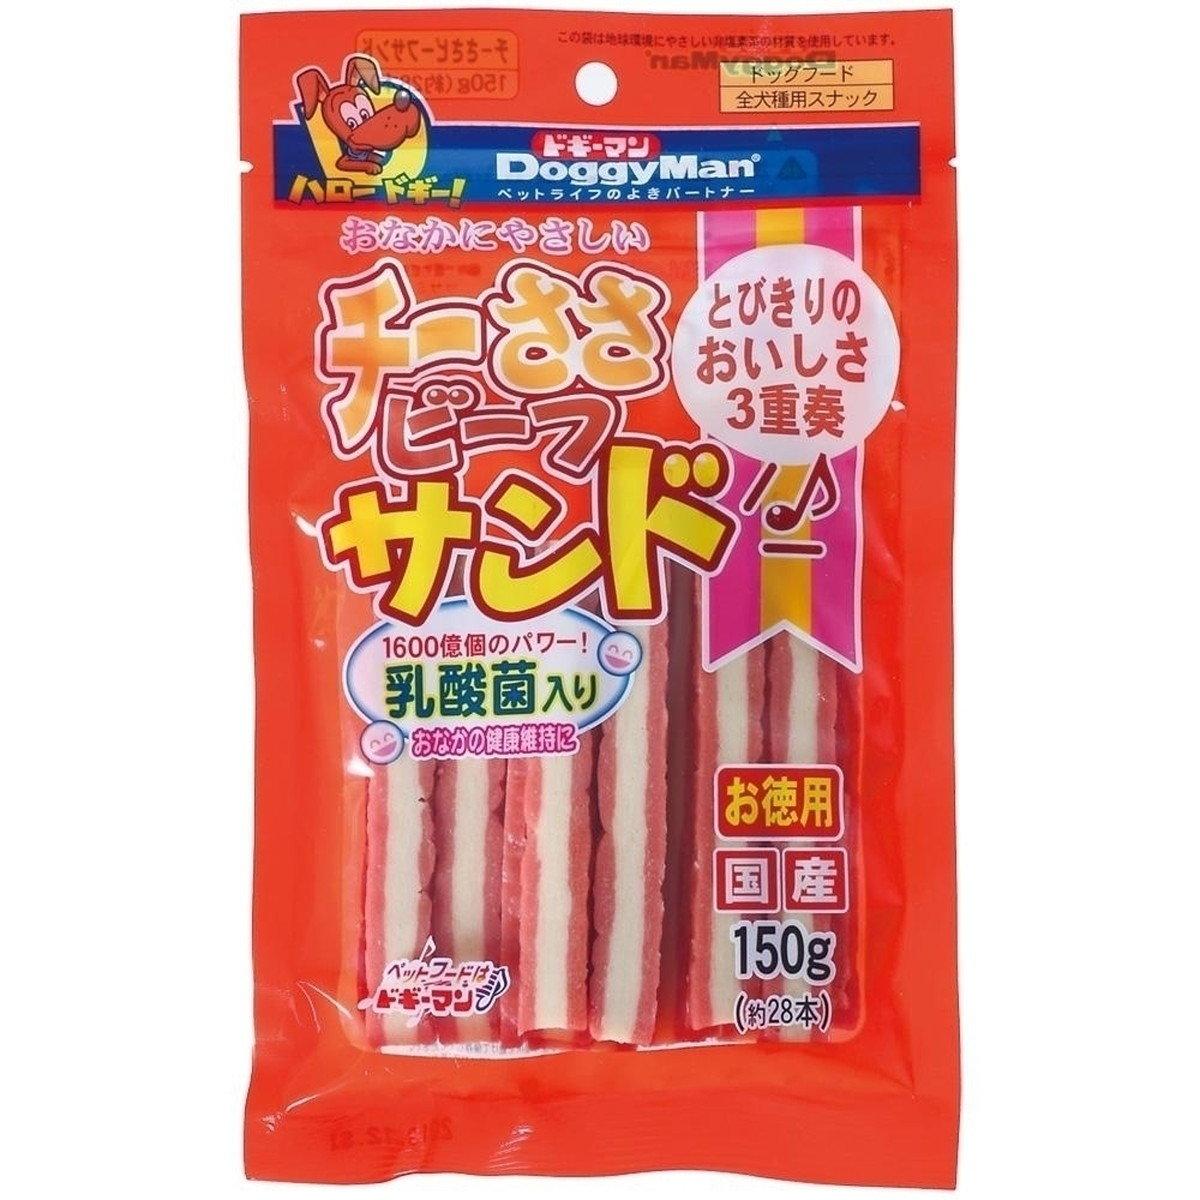 日本 DOGGYMAN 乳酸菌雞牛芝士肉條